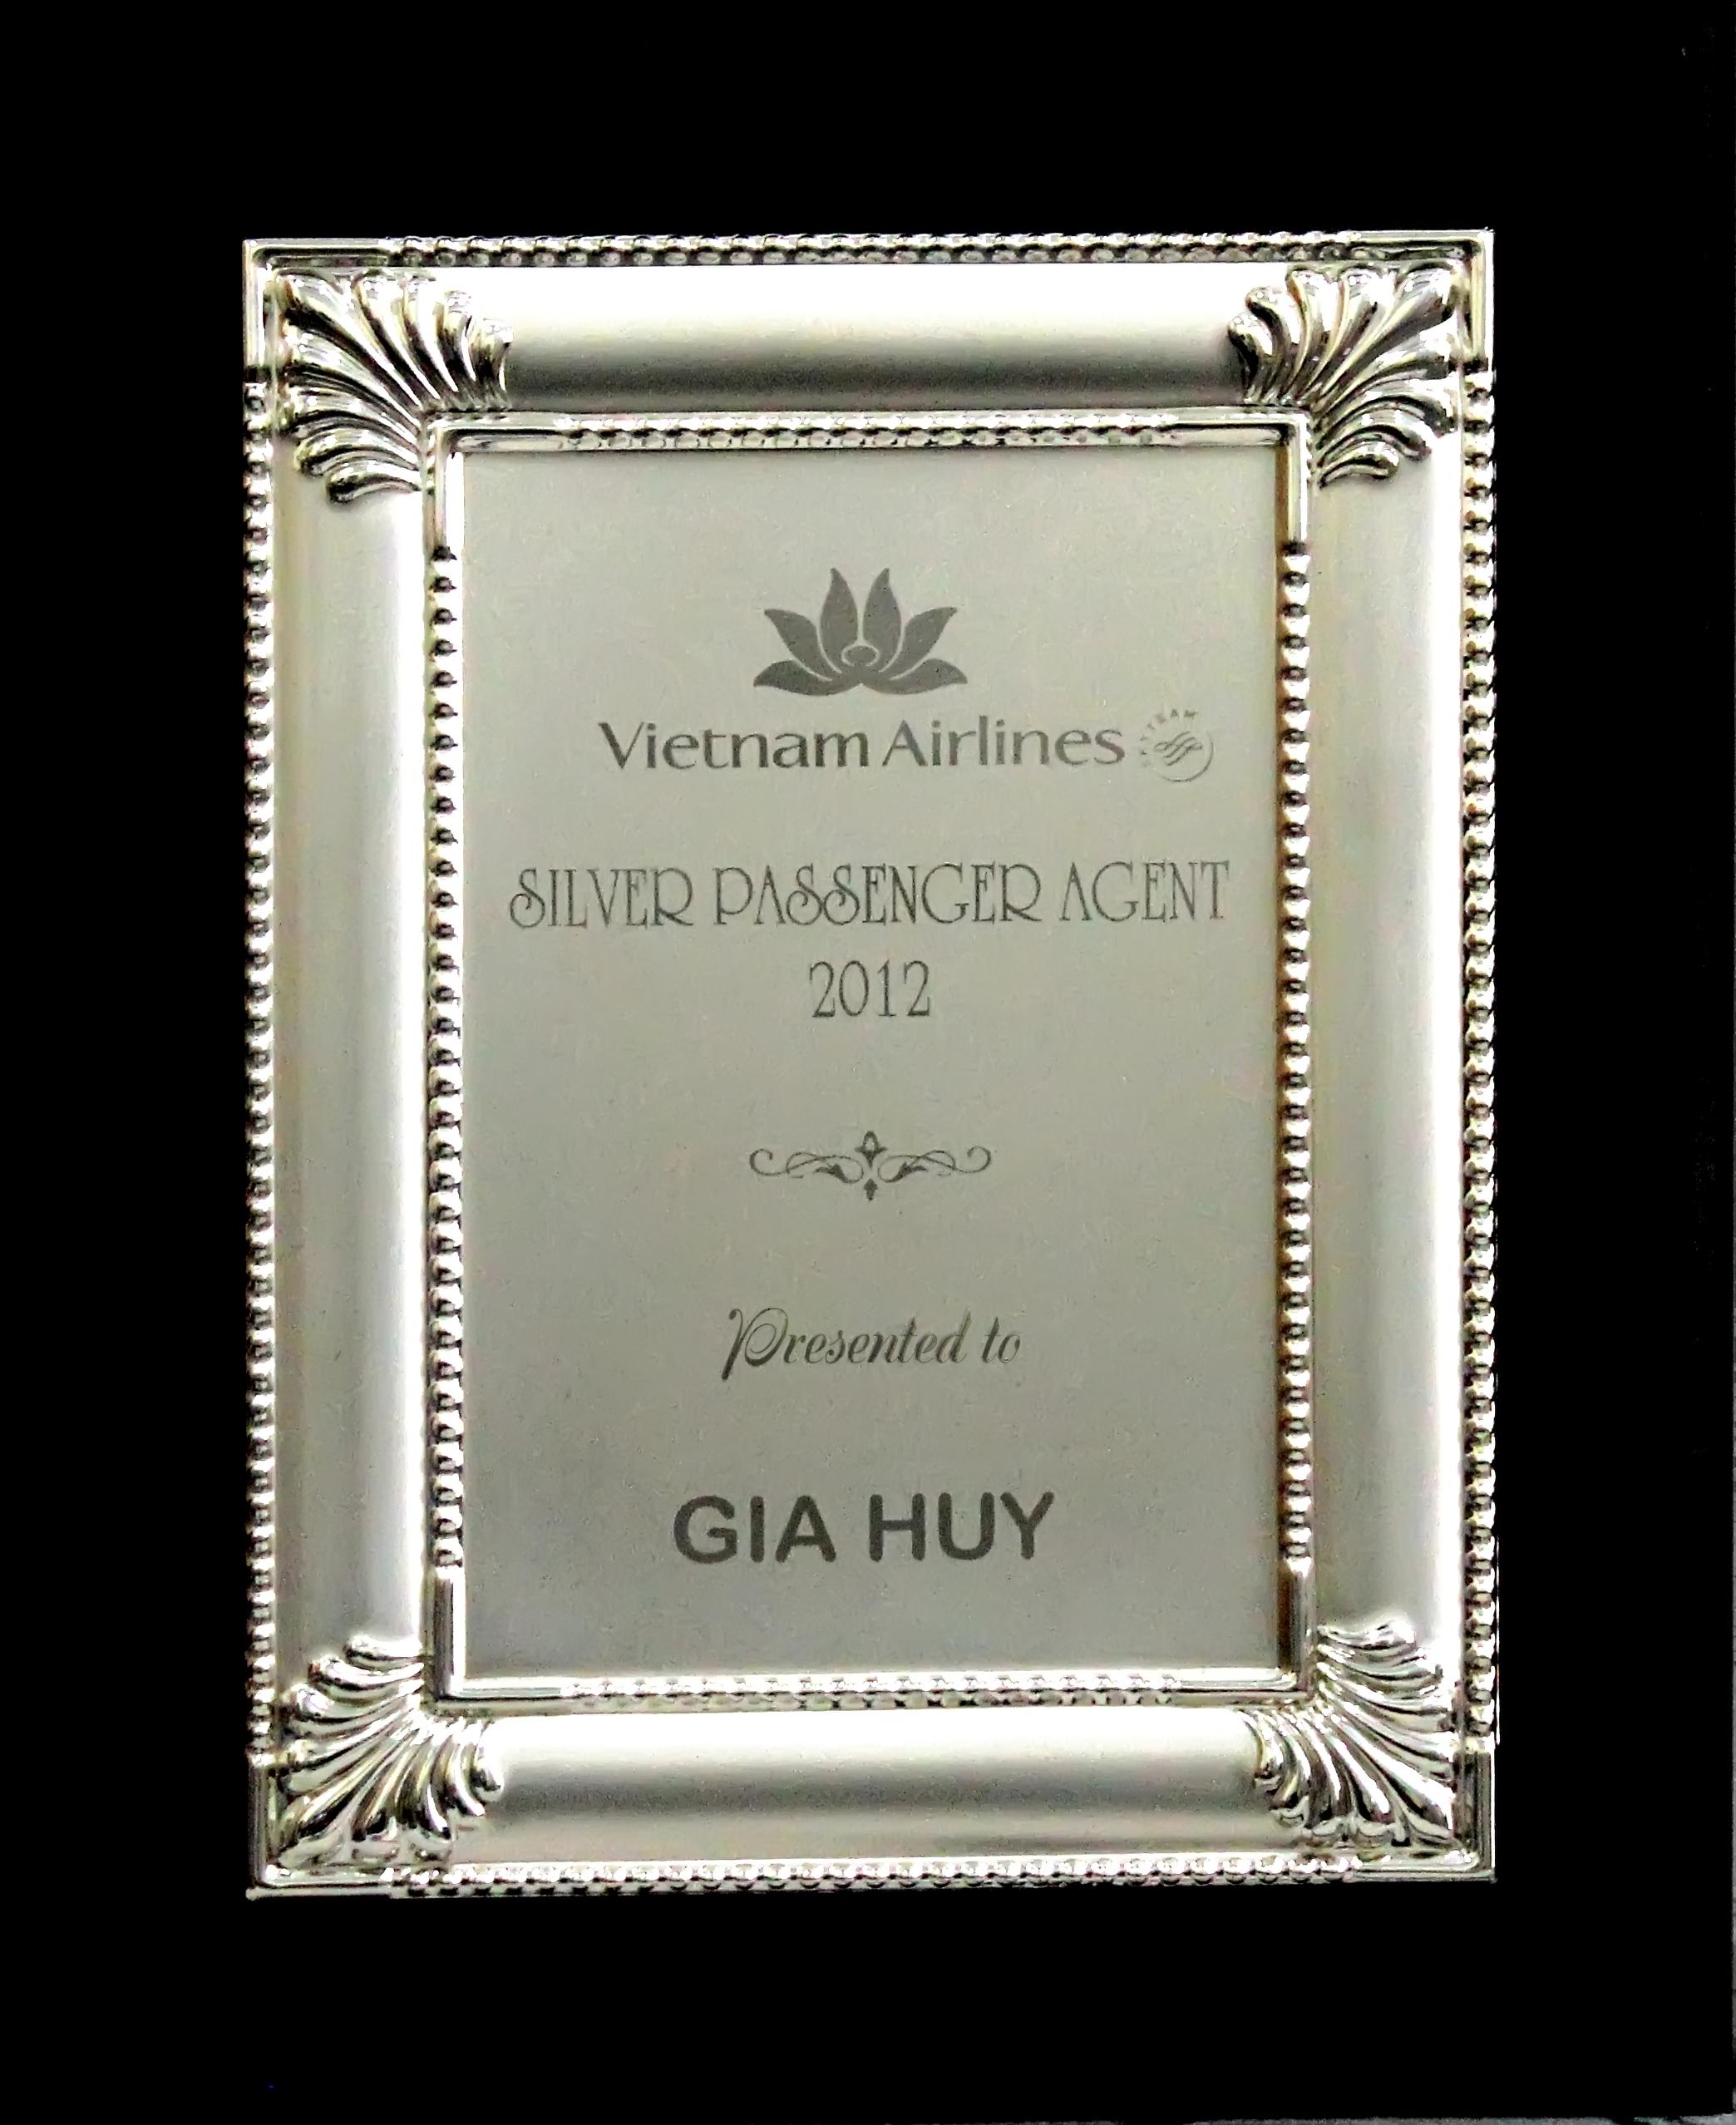 Giải thưởng Bạc - Vietnamairline - năm 2012